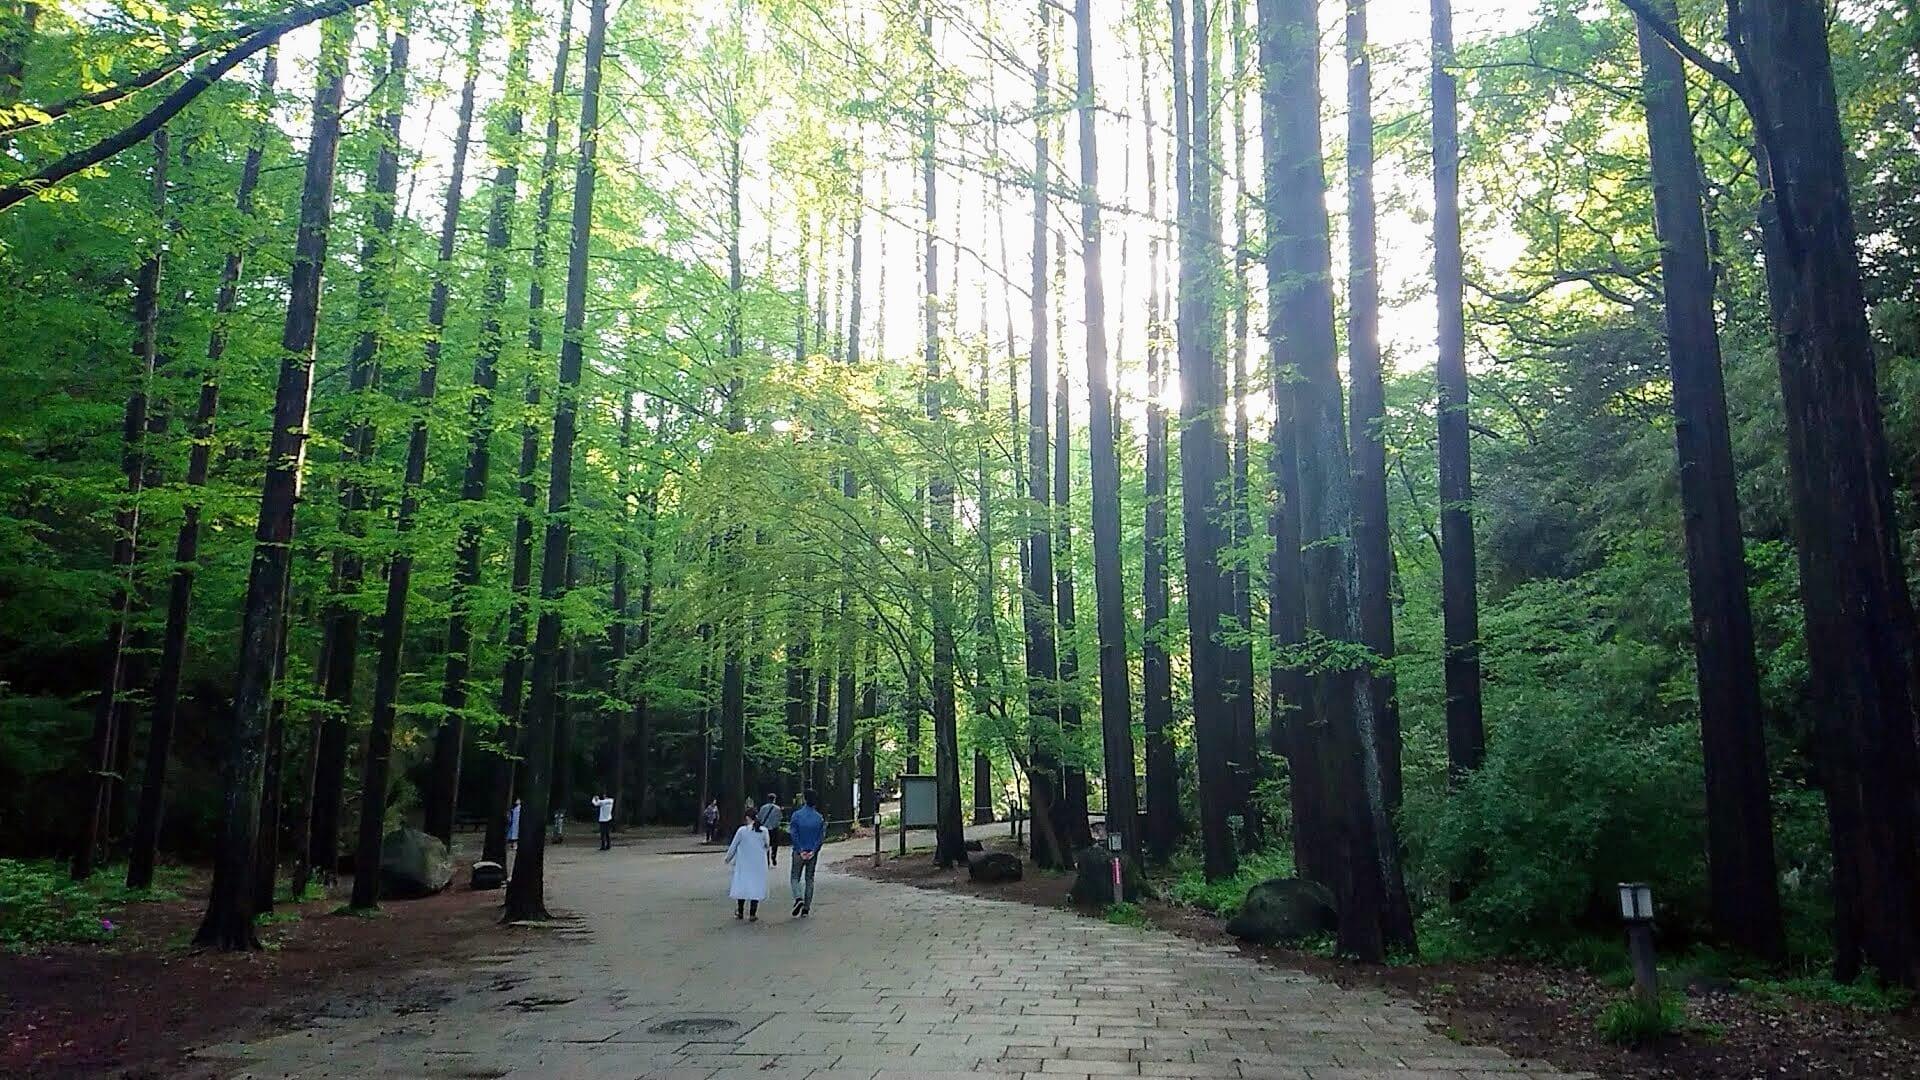 コロナ疲れを癒やすスポットとして「生田緑地」がお薦めされていました